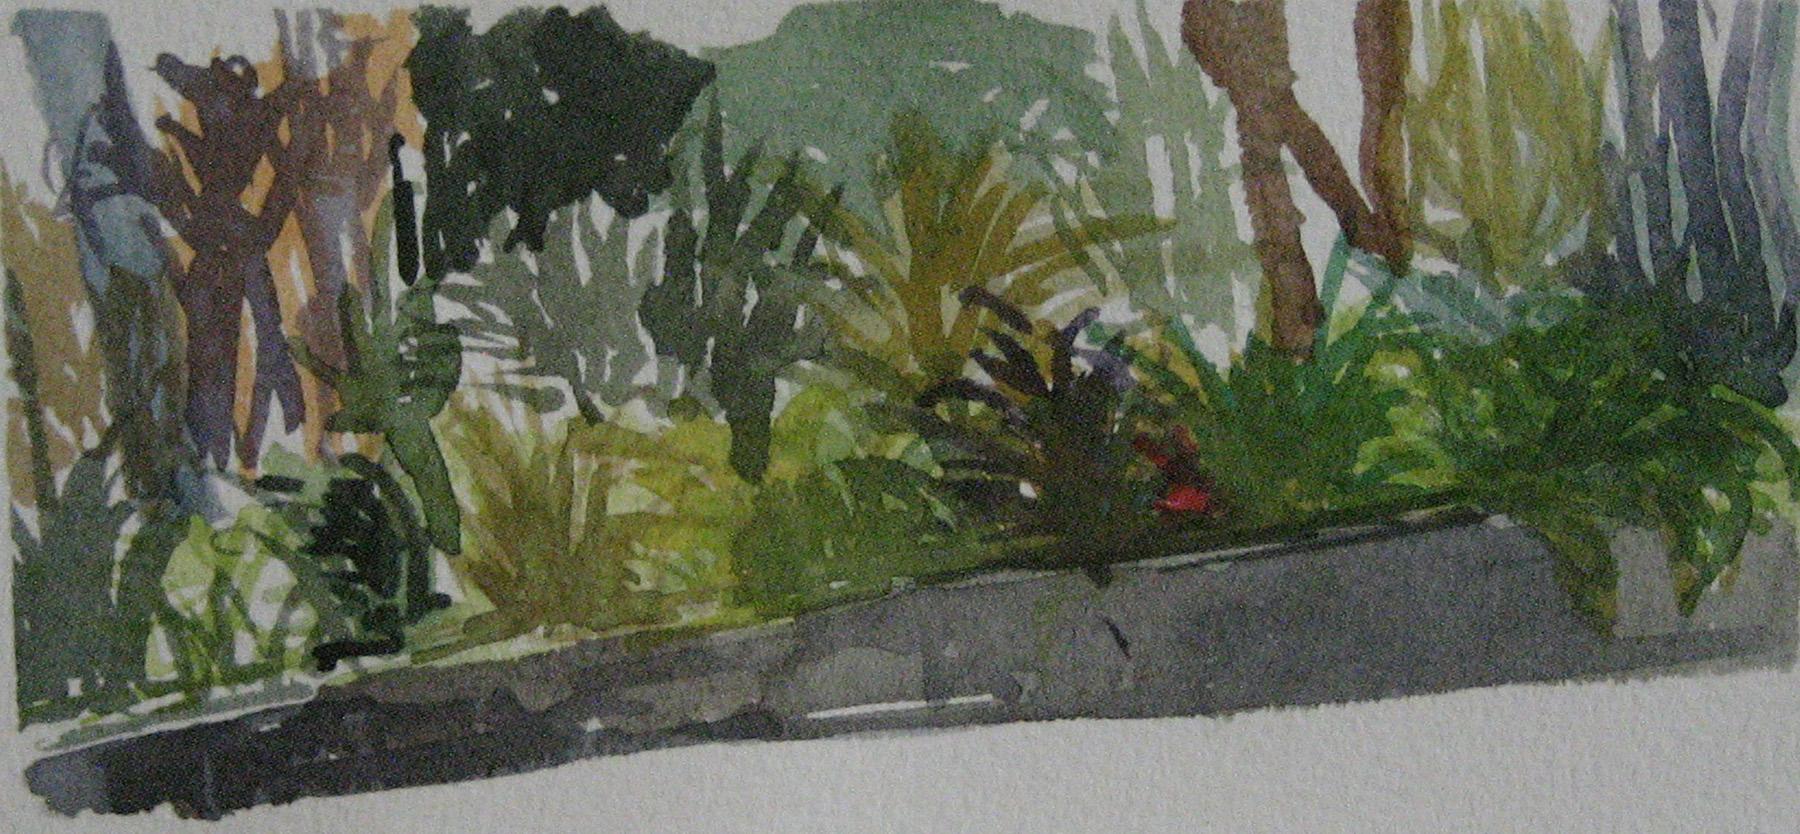 gansevoort wild garden